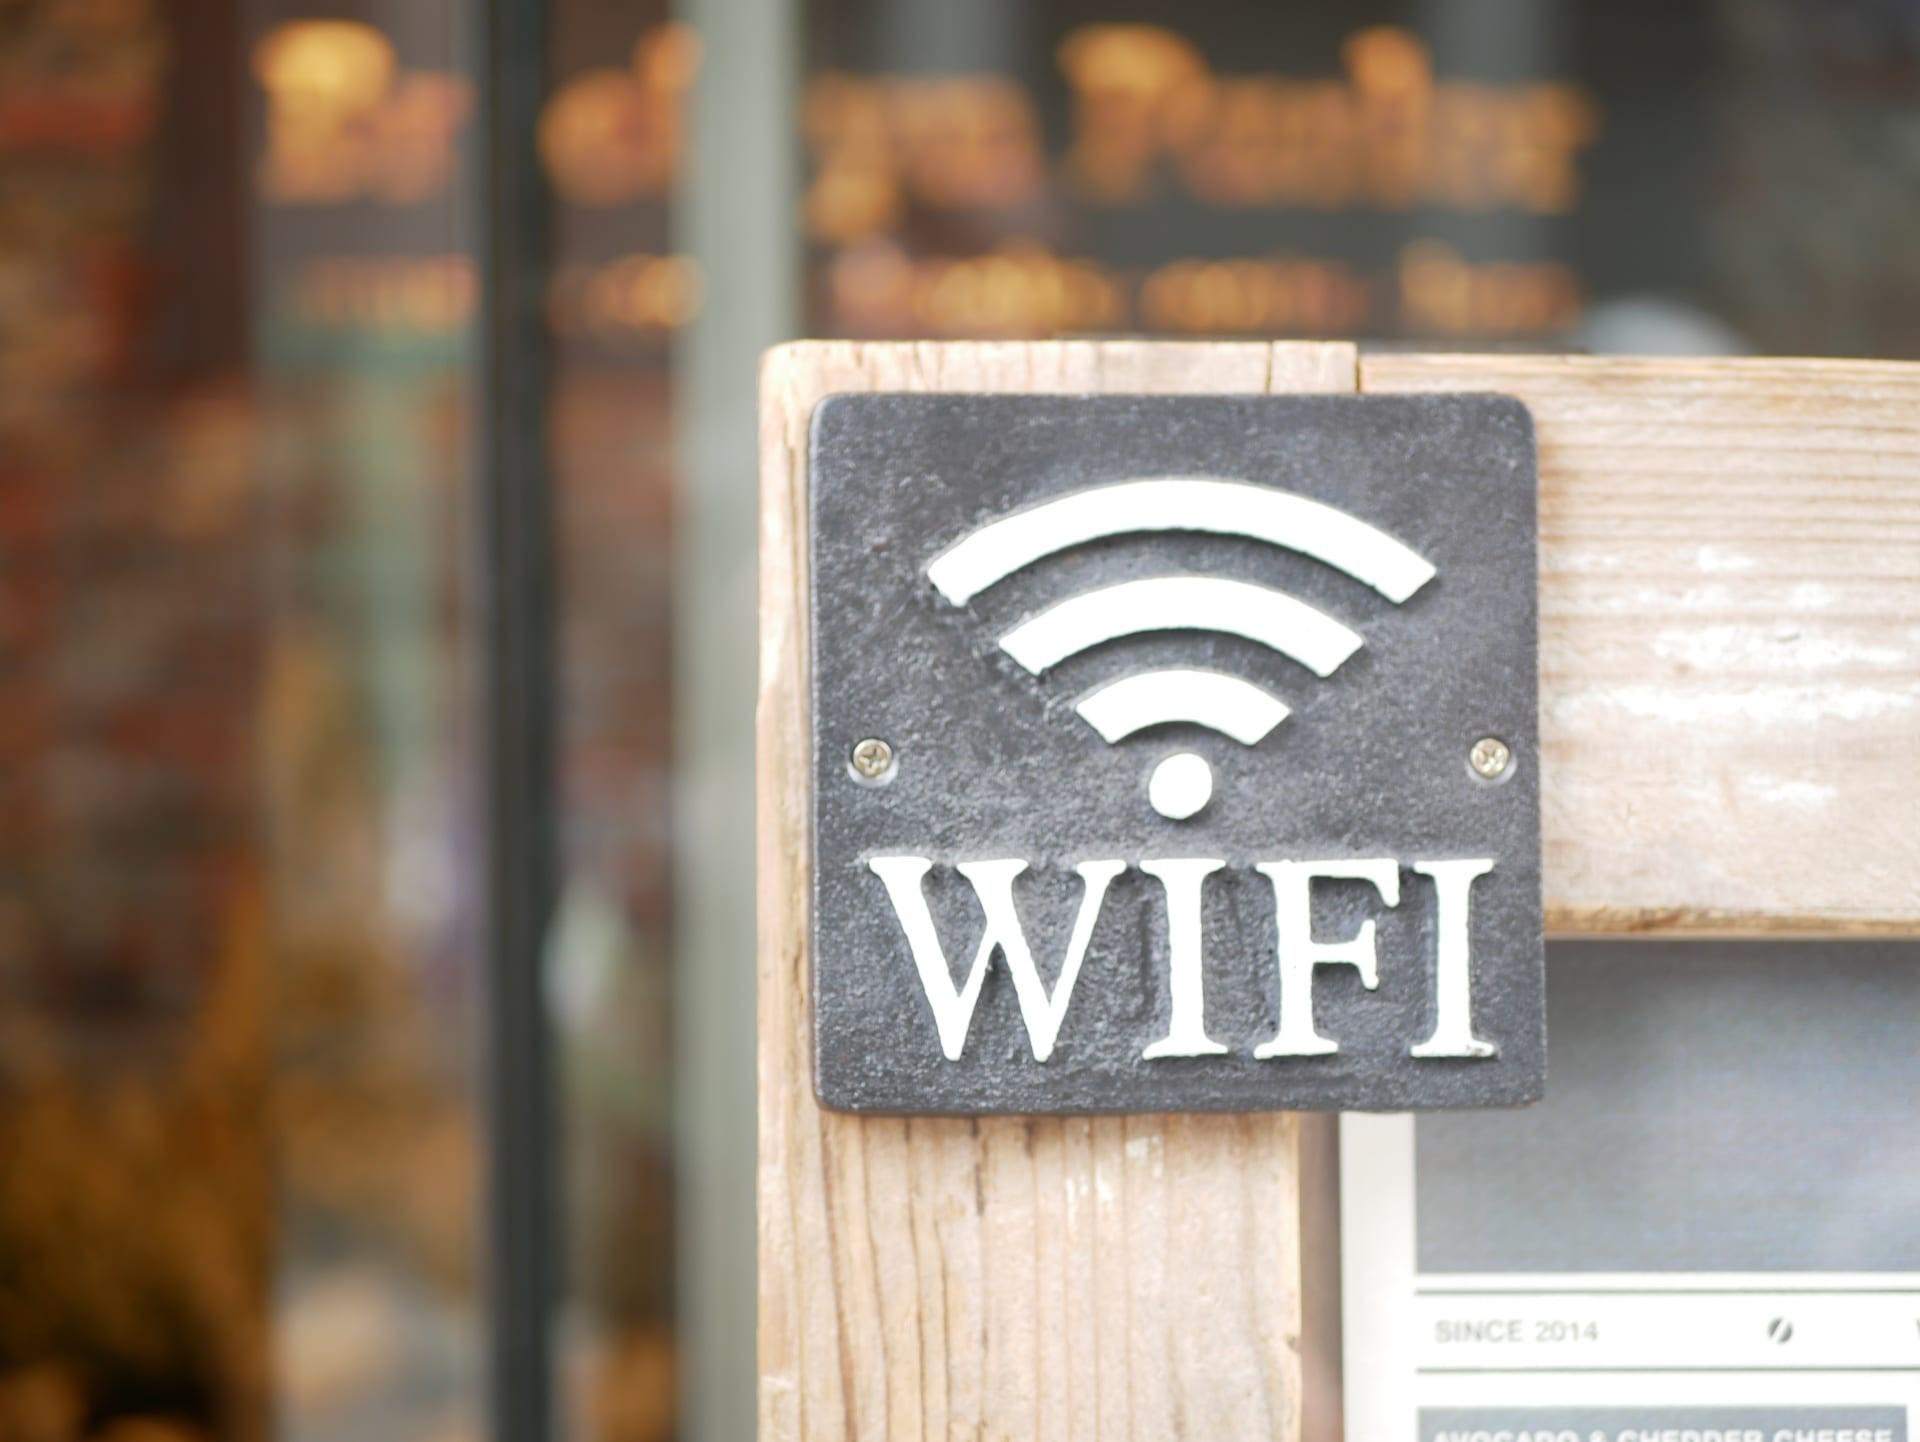 Mách bạn những cách kết nối wifi miễn phí khi du lịch Nhật Bản - Ảnh 1.